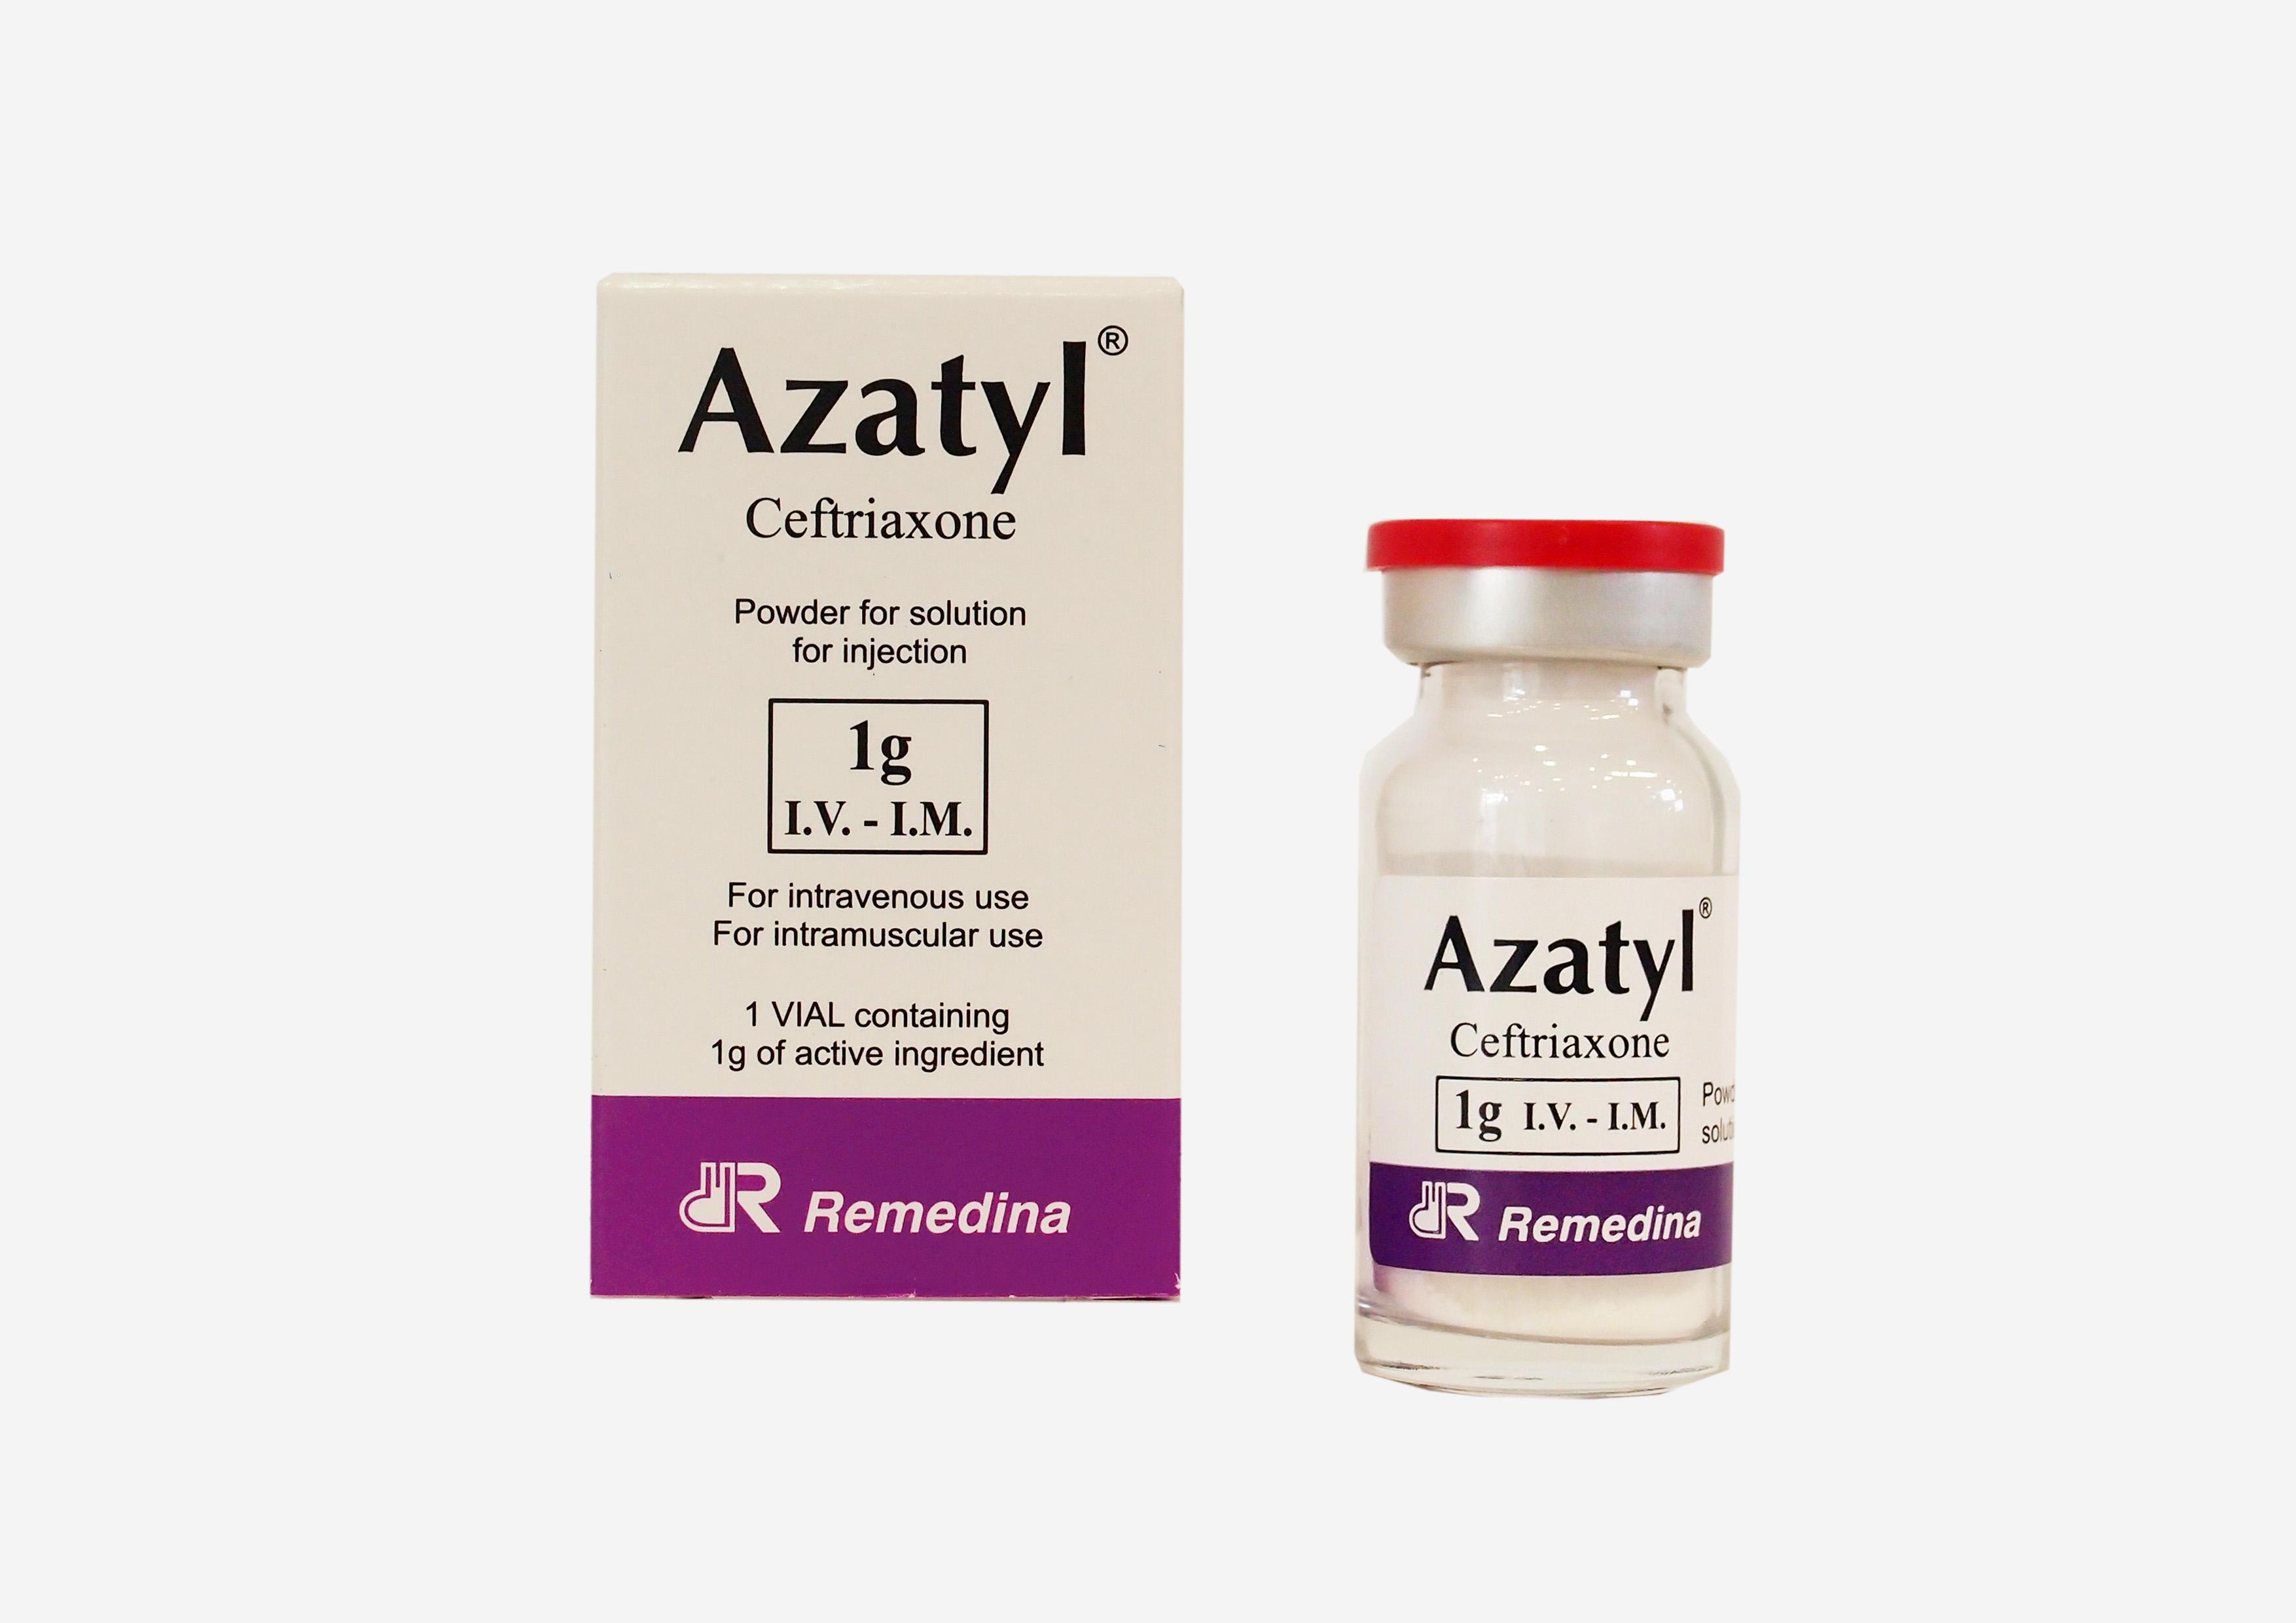 Azatyl 1g IM IV